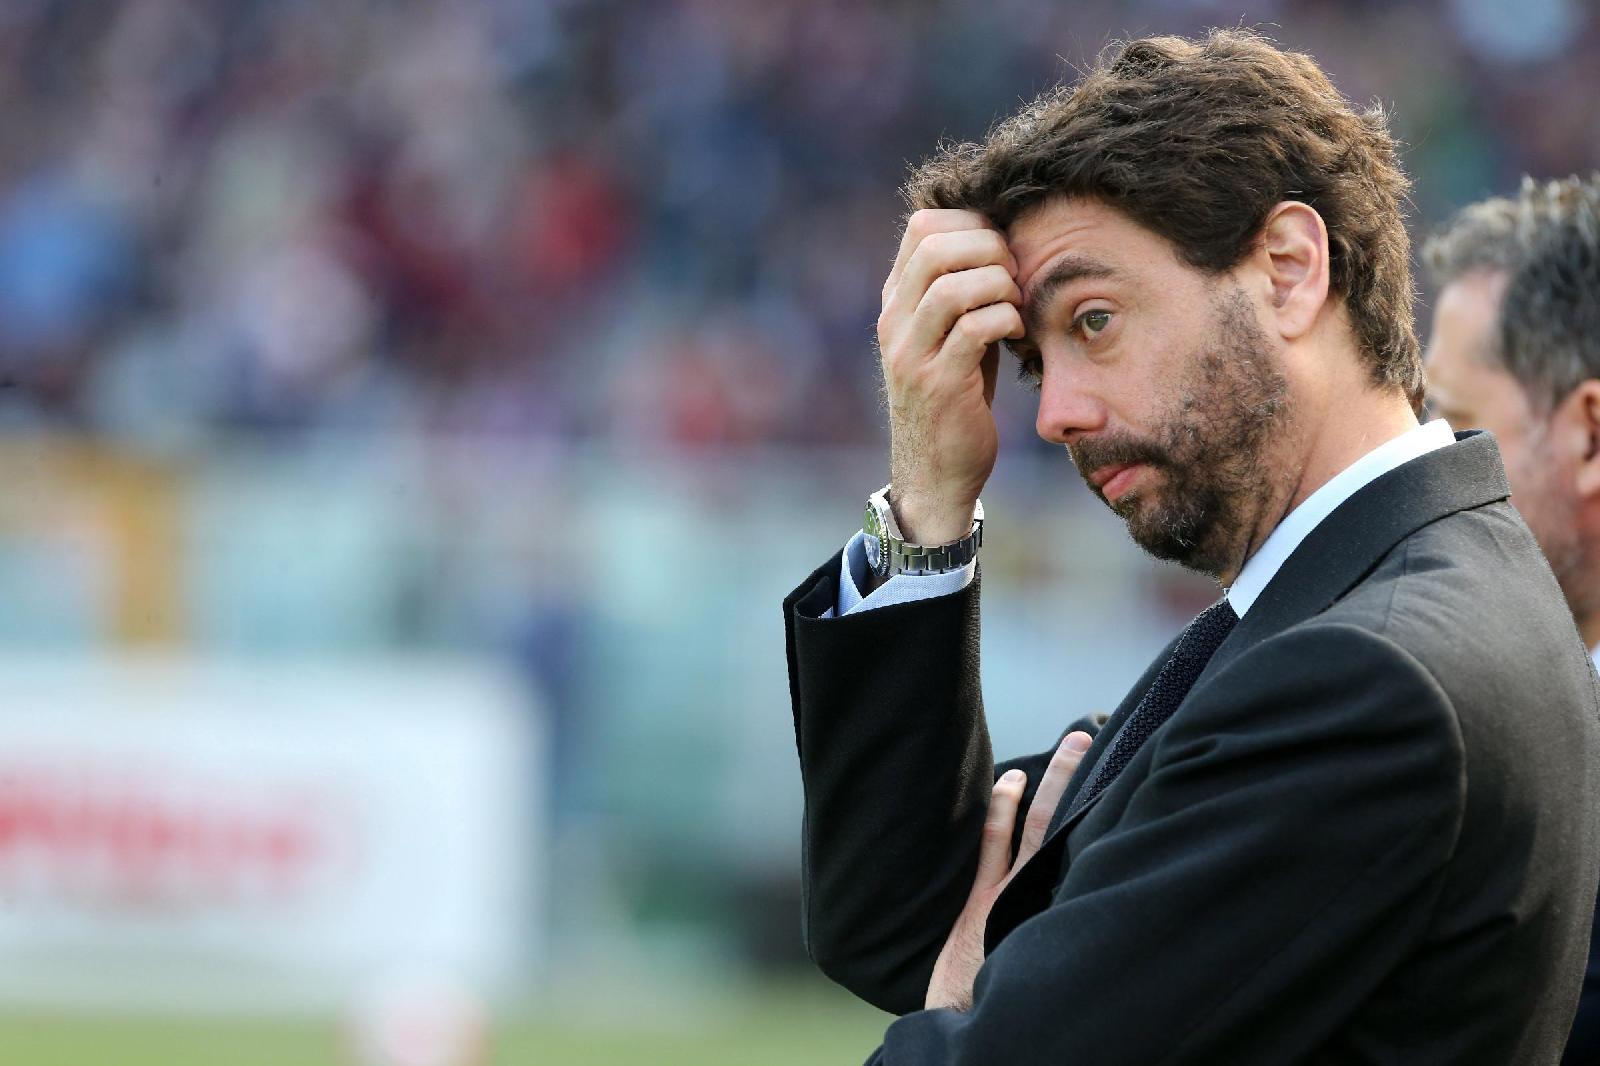 Inter – Hellas Verona, il prepartita dei ricordi: l'ultima volta a San Siro 1 Ranocchiate